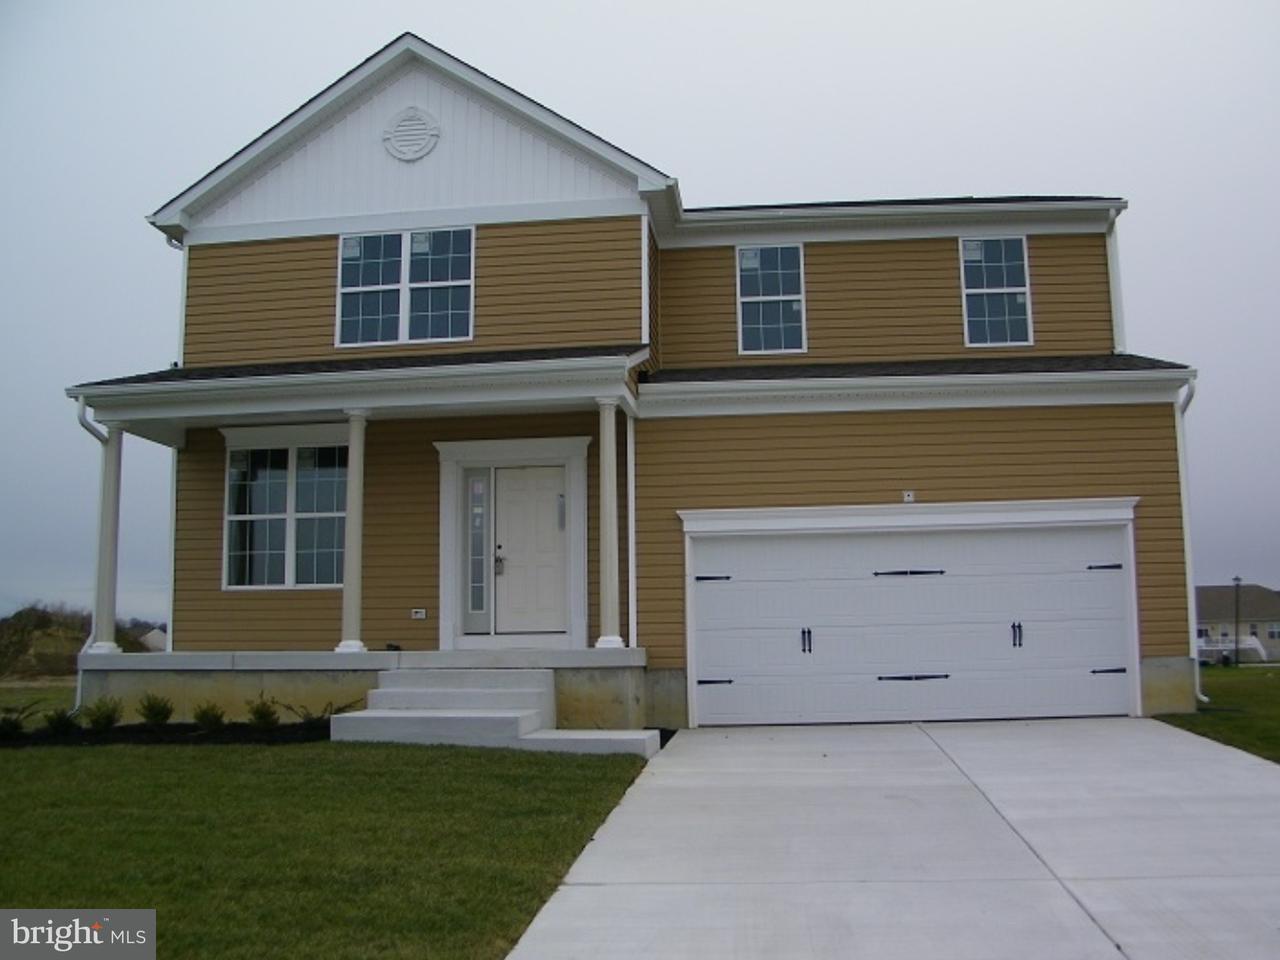 Частный односемейный дом для того Продажа на 400 TIBURAN Court Felton, Делавэр 19943 Соединенные Штаты